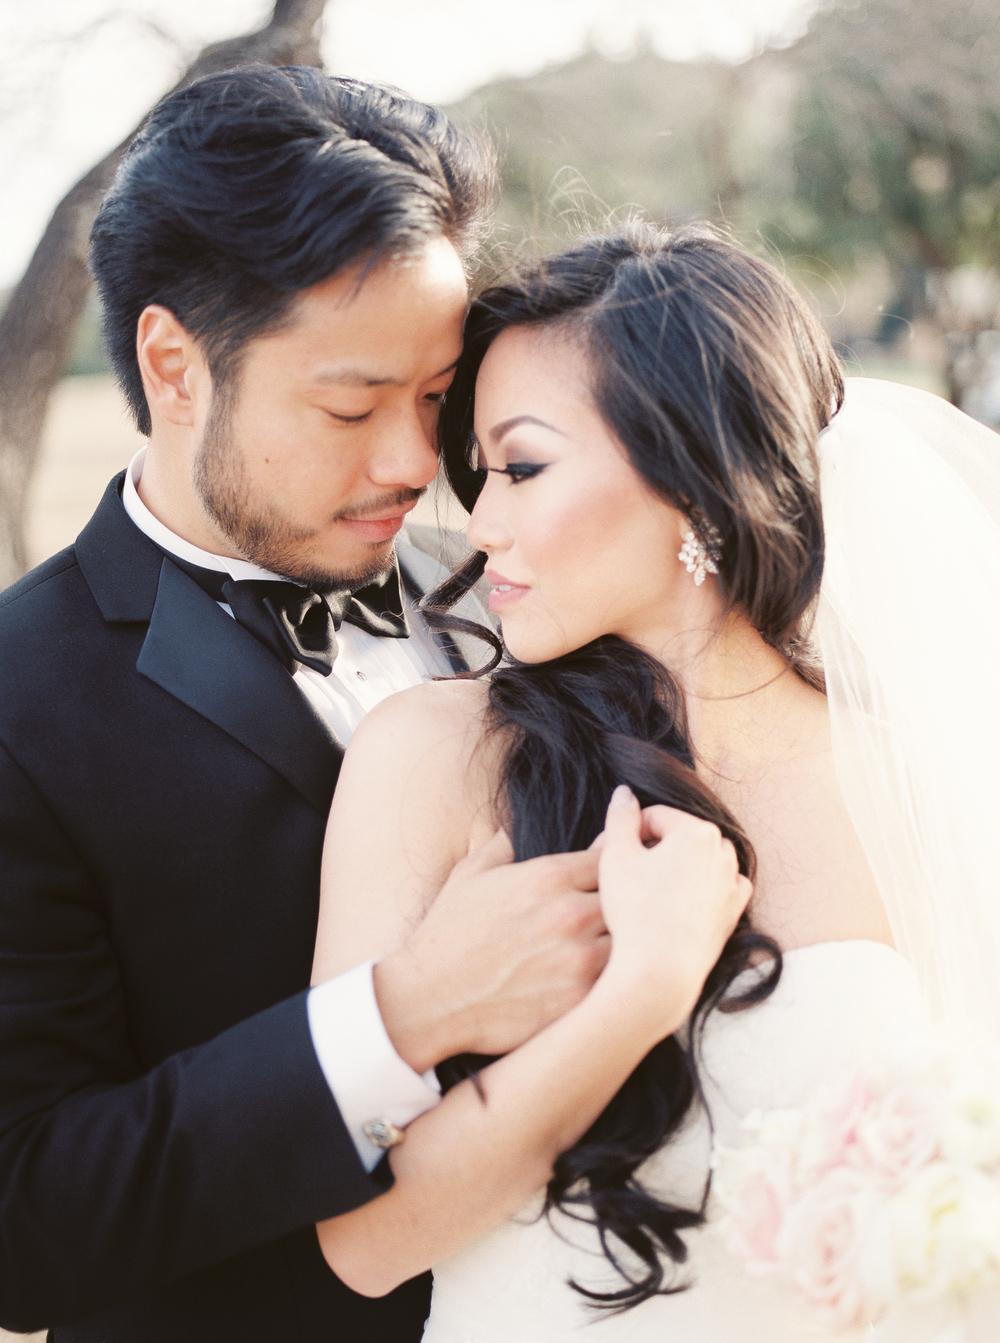 Yip Wedding274.jpg